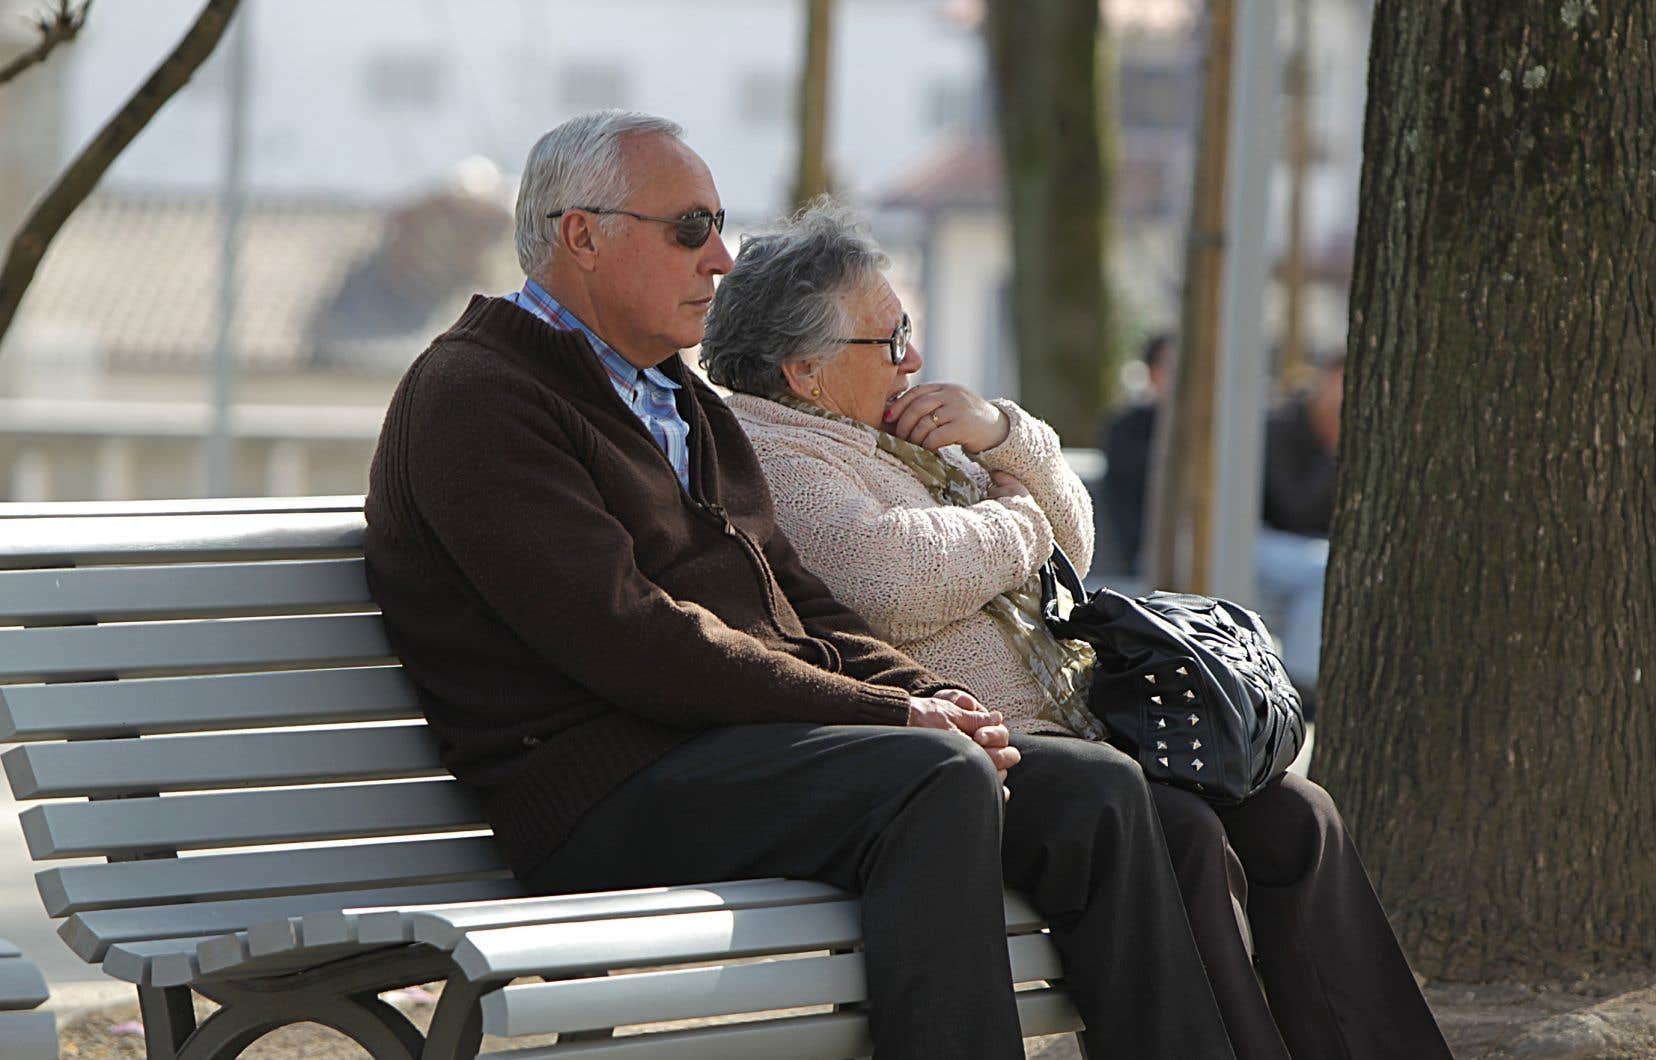 Selon Mercer, l'augmentation du nombre de travailleurs bénéficiant d'un régime de retraite et le désendettement des ménages sont au nombre des variables qui pourraient permettre au Canada de grimper davantage dans le classement des systèmes de retraite.